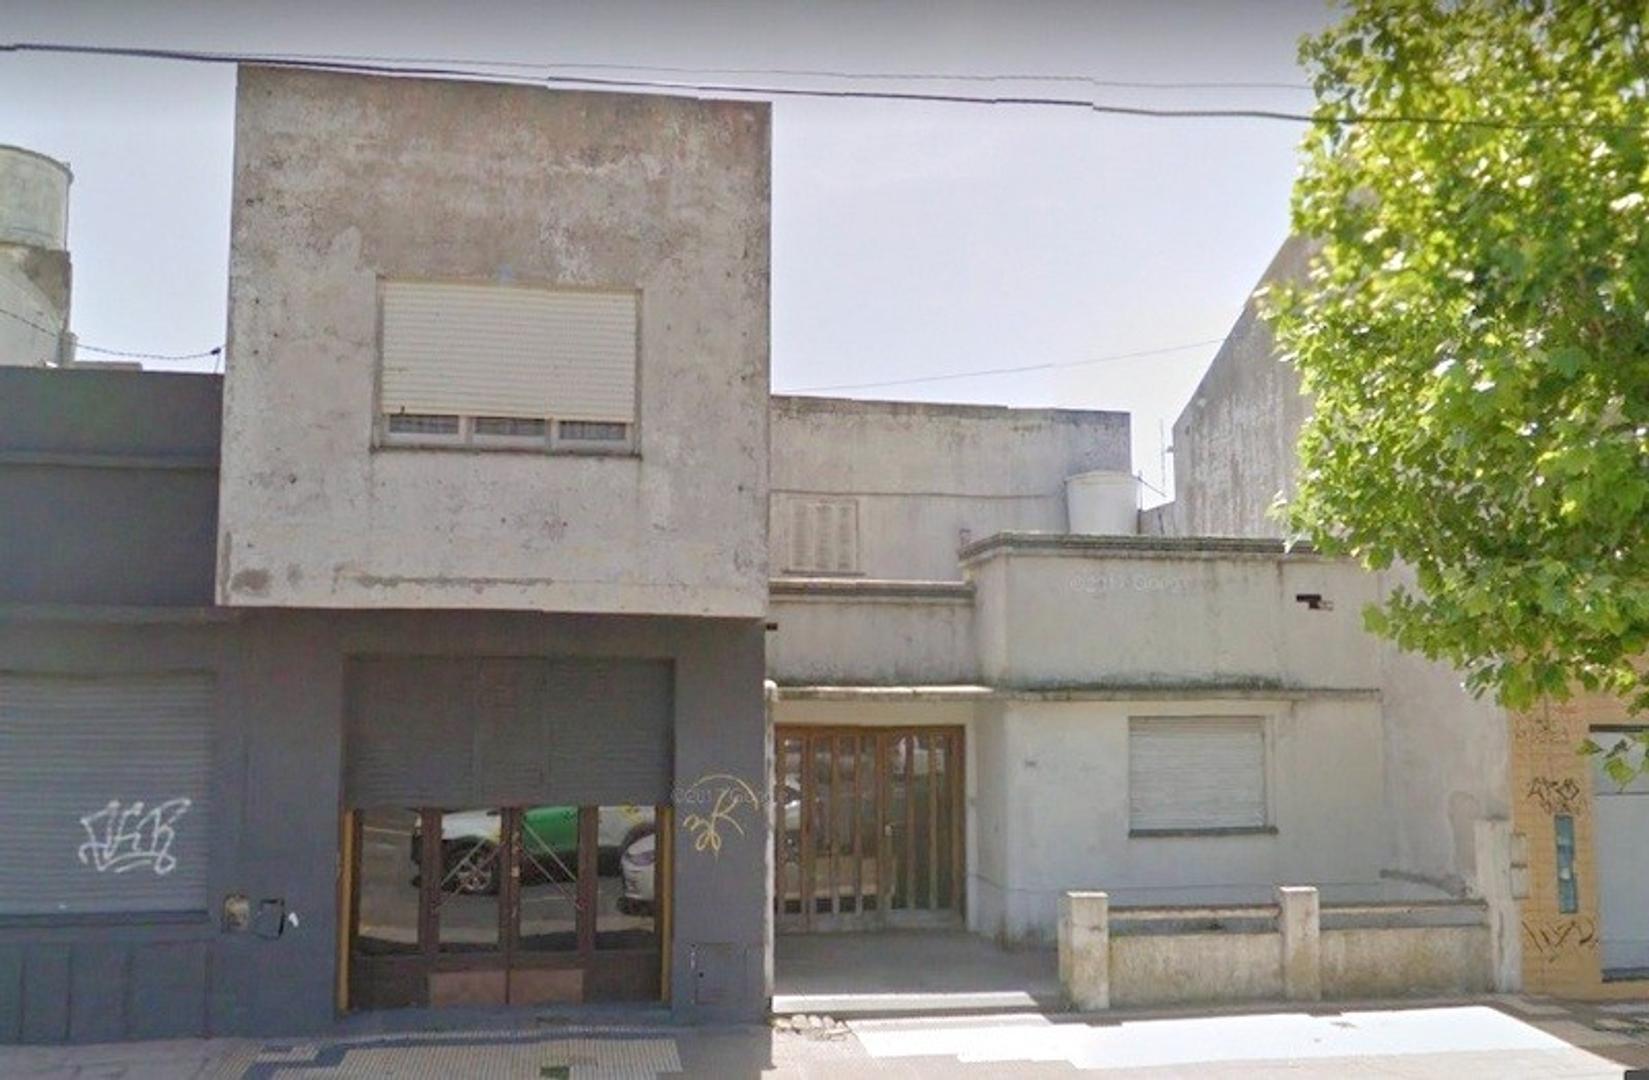 (MUI-MUI-2646) Lote - Venta - Argentina, Mar del Plata - AV.COLON  AL 3900